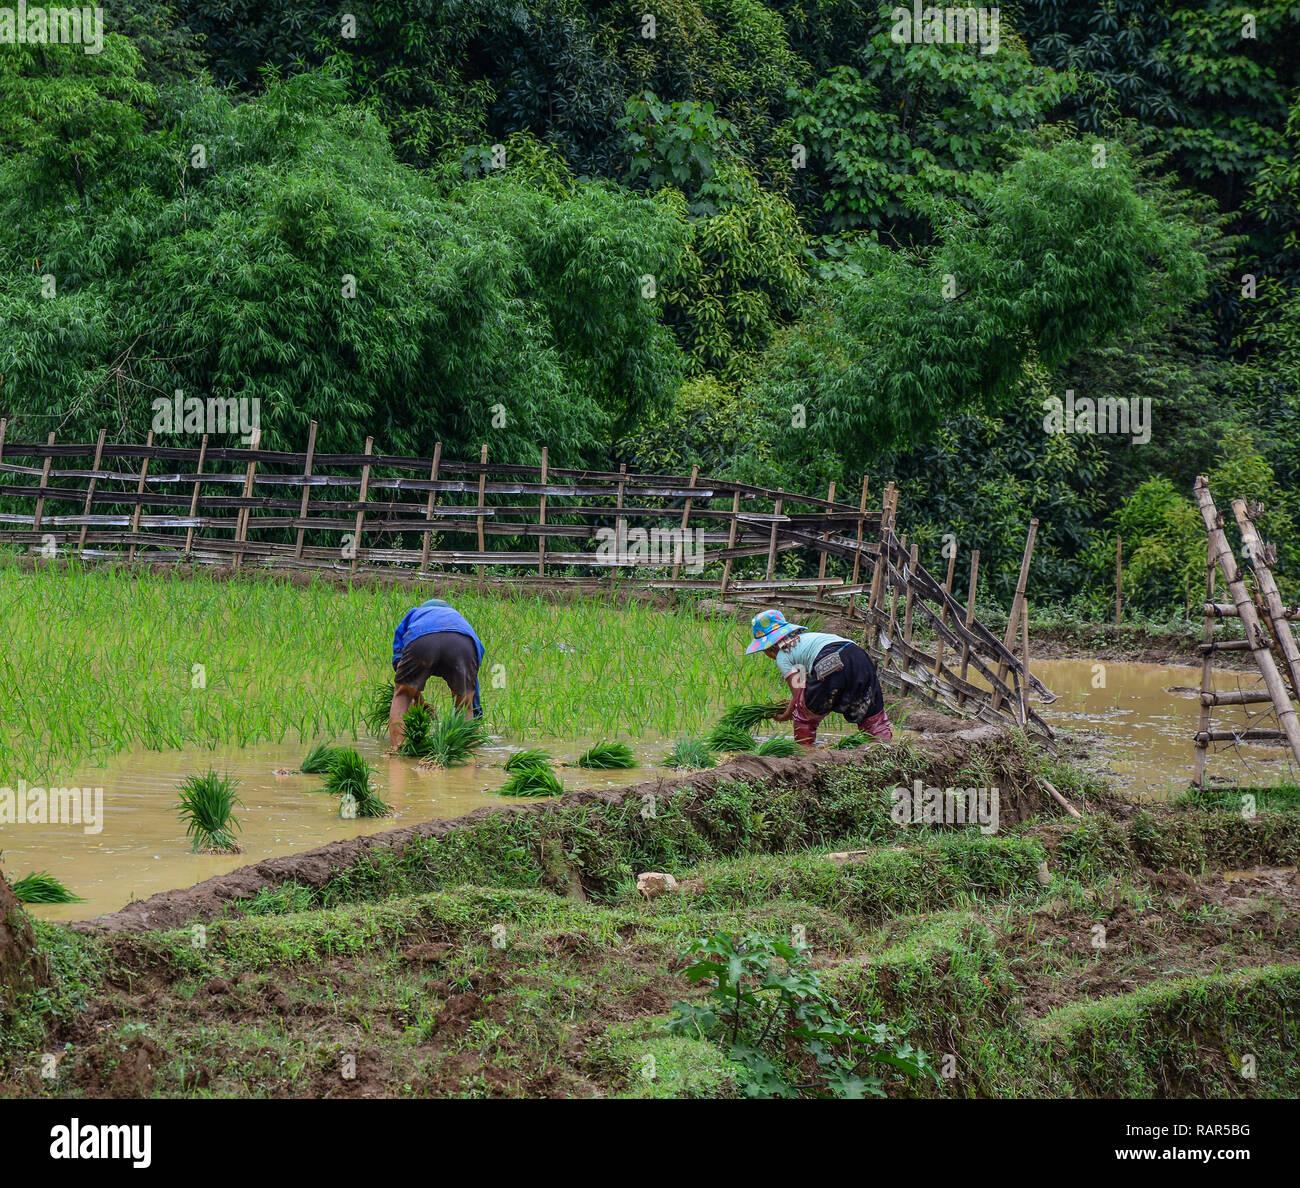 Alta Calidad Royalty Free Stock Image De Agricultores Que